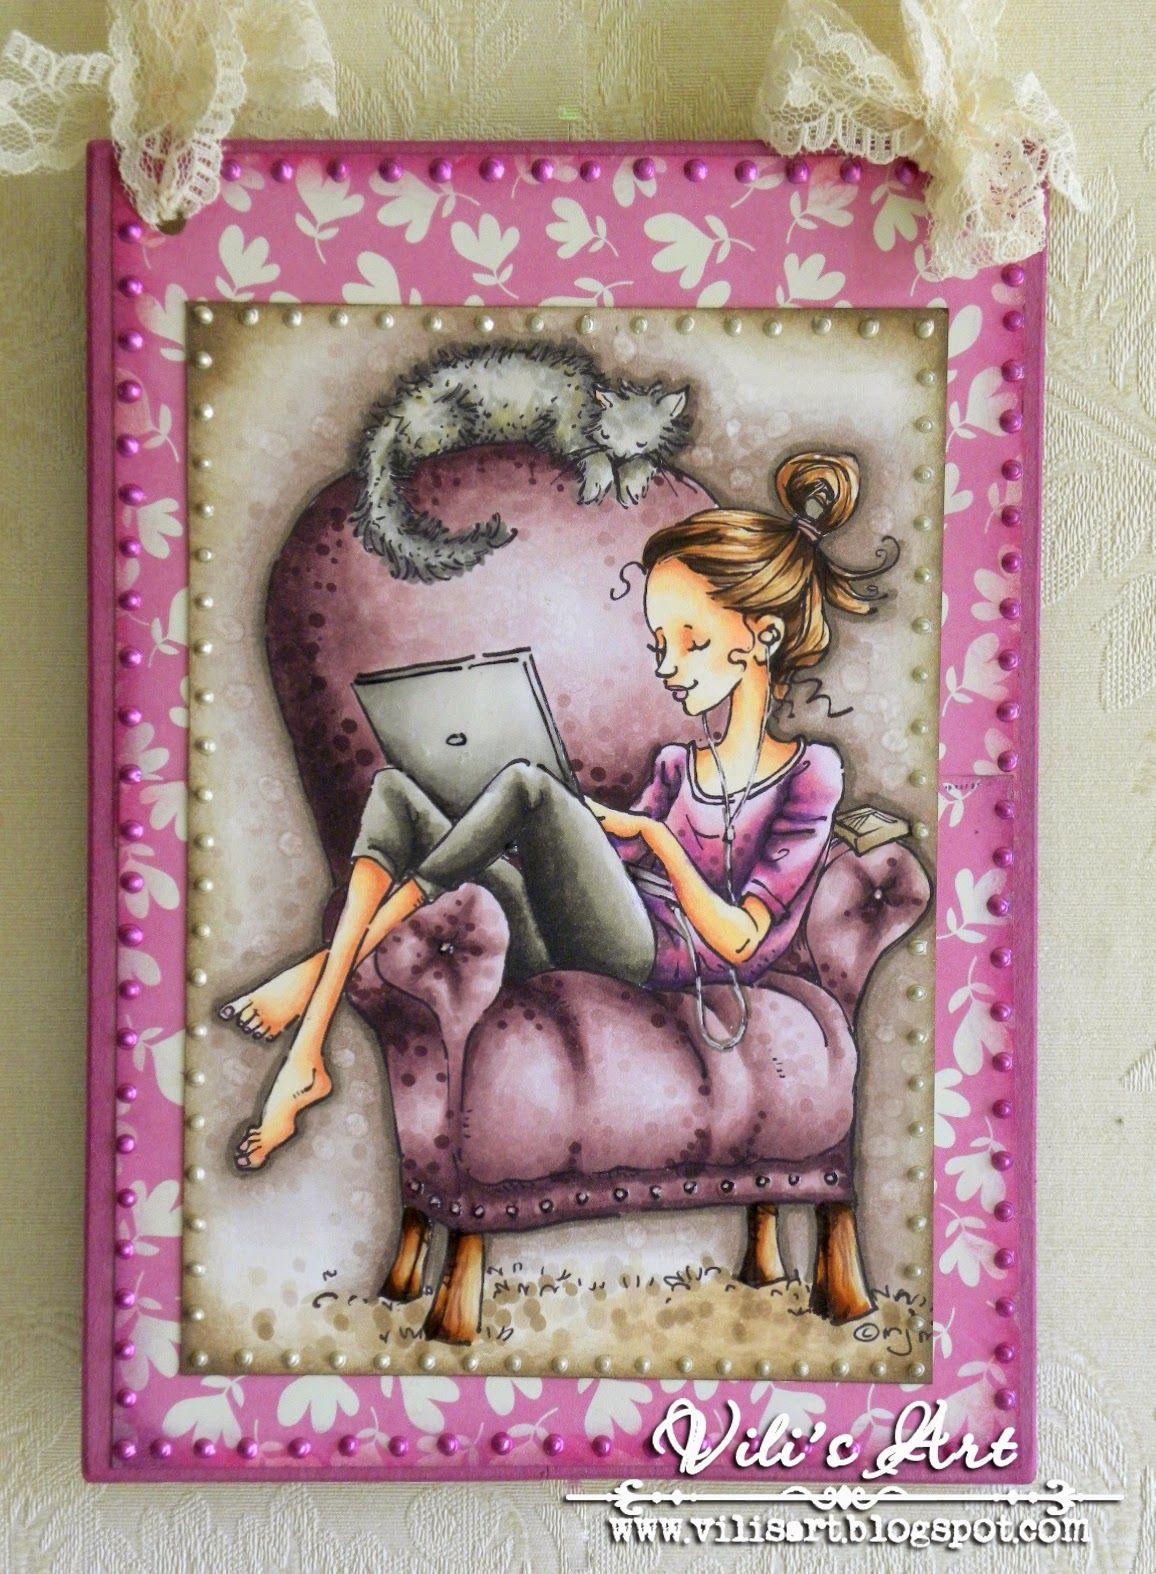 Vili's Art. Skin:E11-50-51. Clothes:V01-06-09,RV91-93-95-99. Chair:V91-93-95-99,E30-31-33-35-37